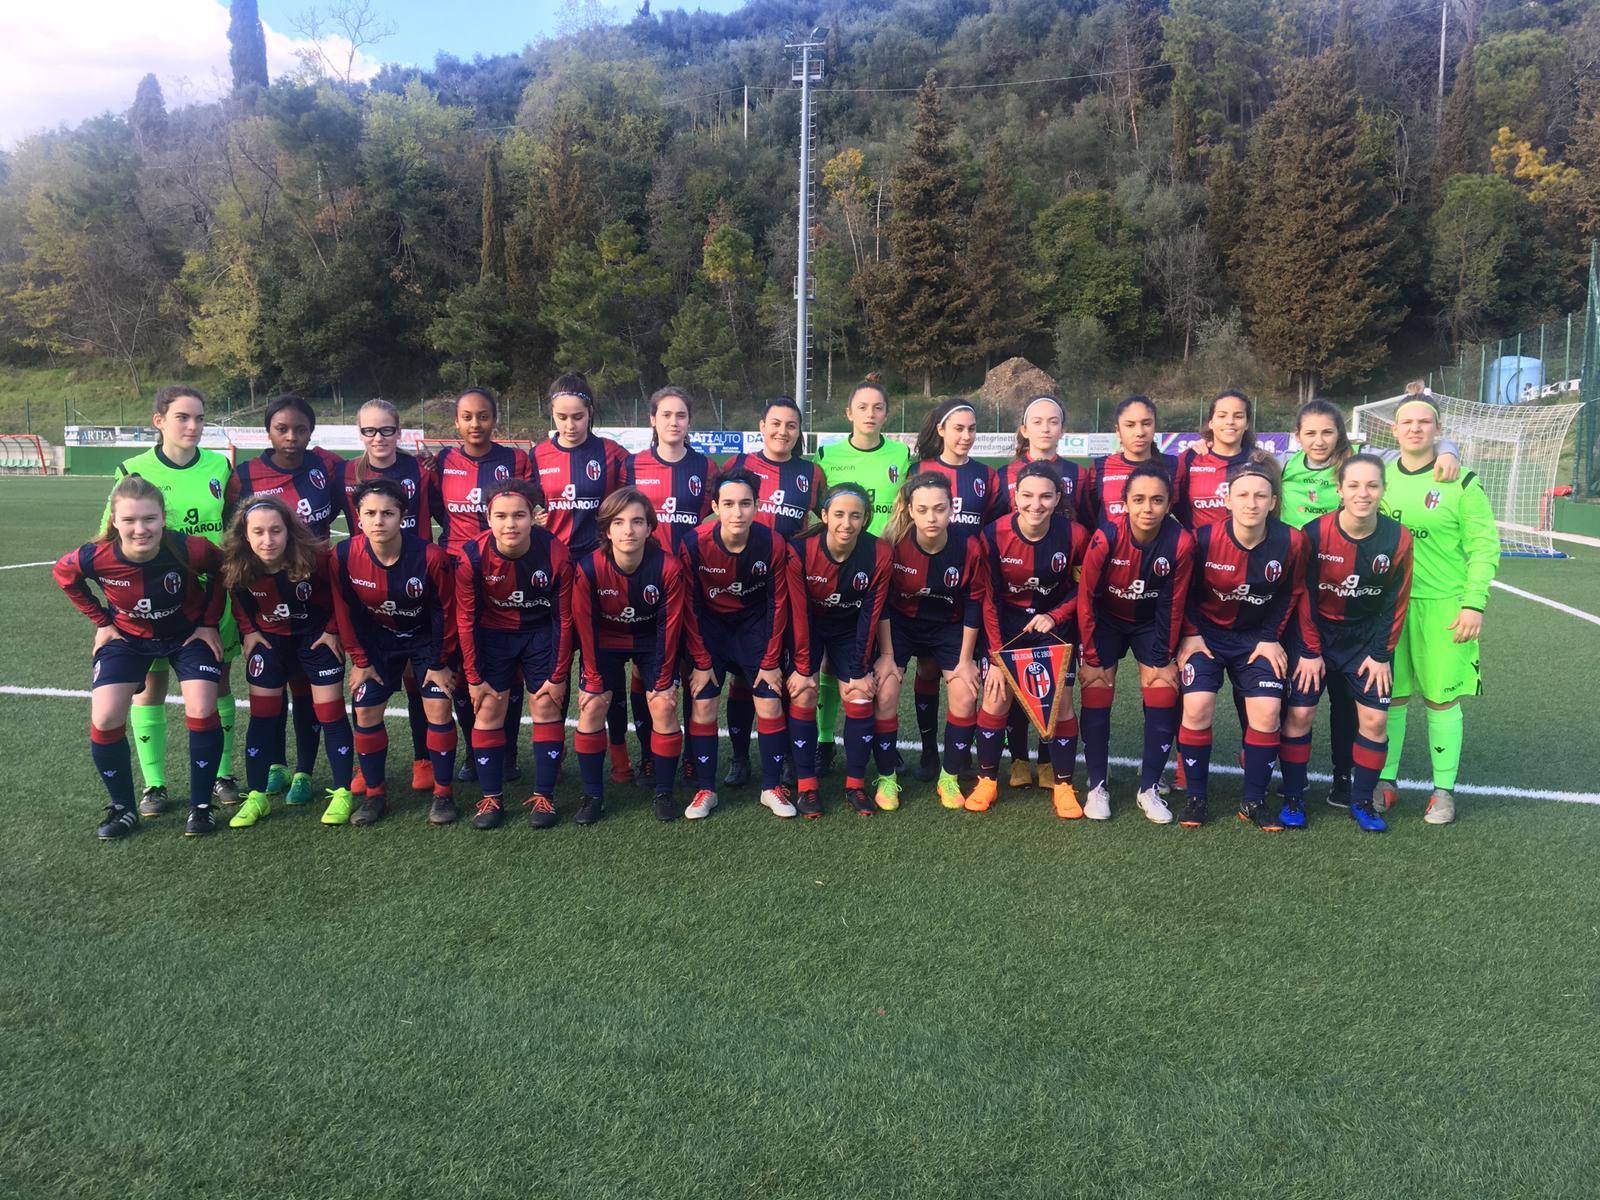 Esordio amaro al Viareggio per il Bologna Femminile: vince la Juventus 2-0